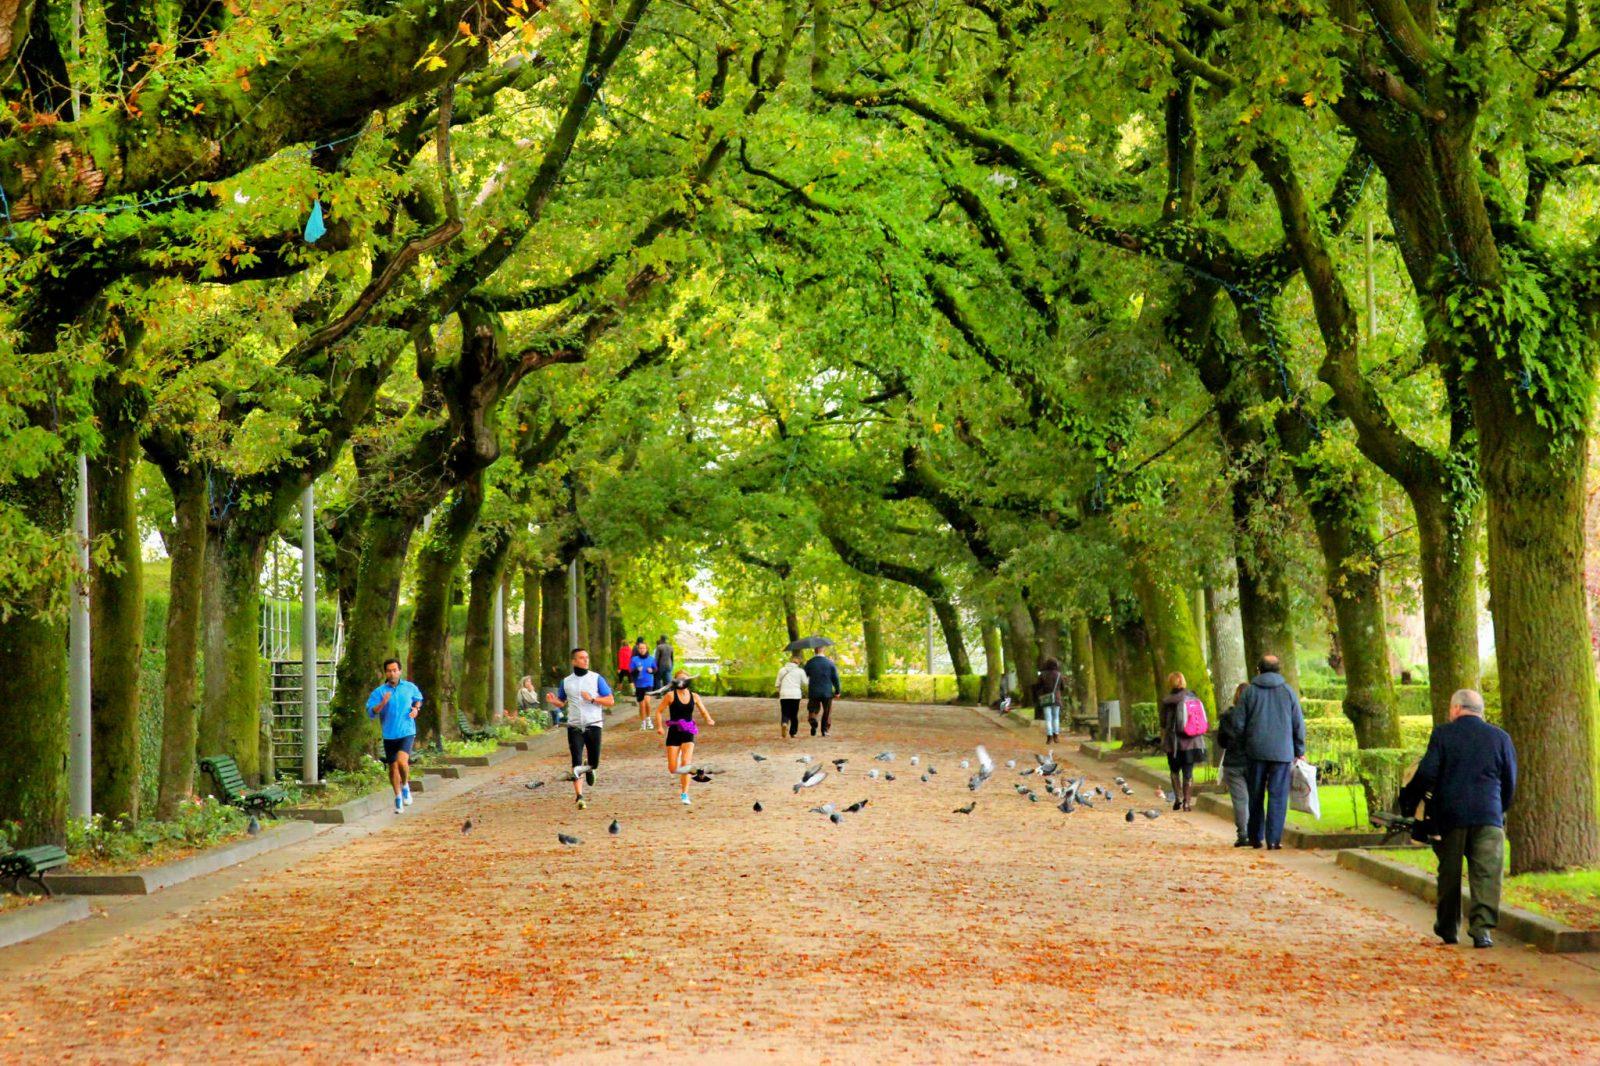 Аллея парка (фото: Ignacio Wolleter)